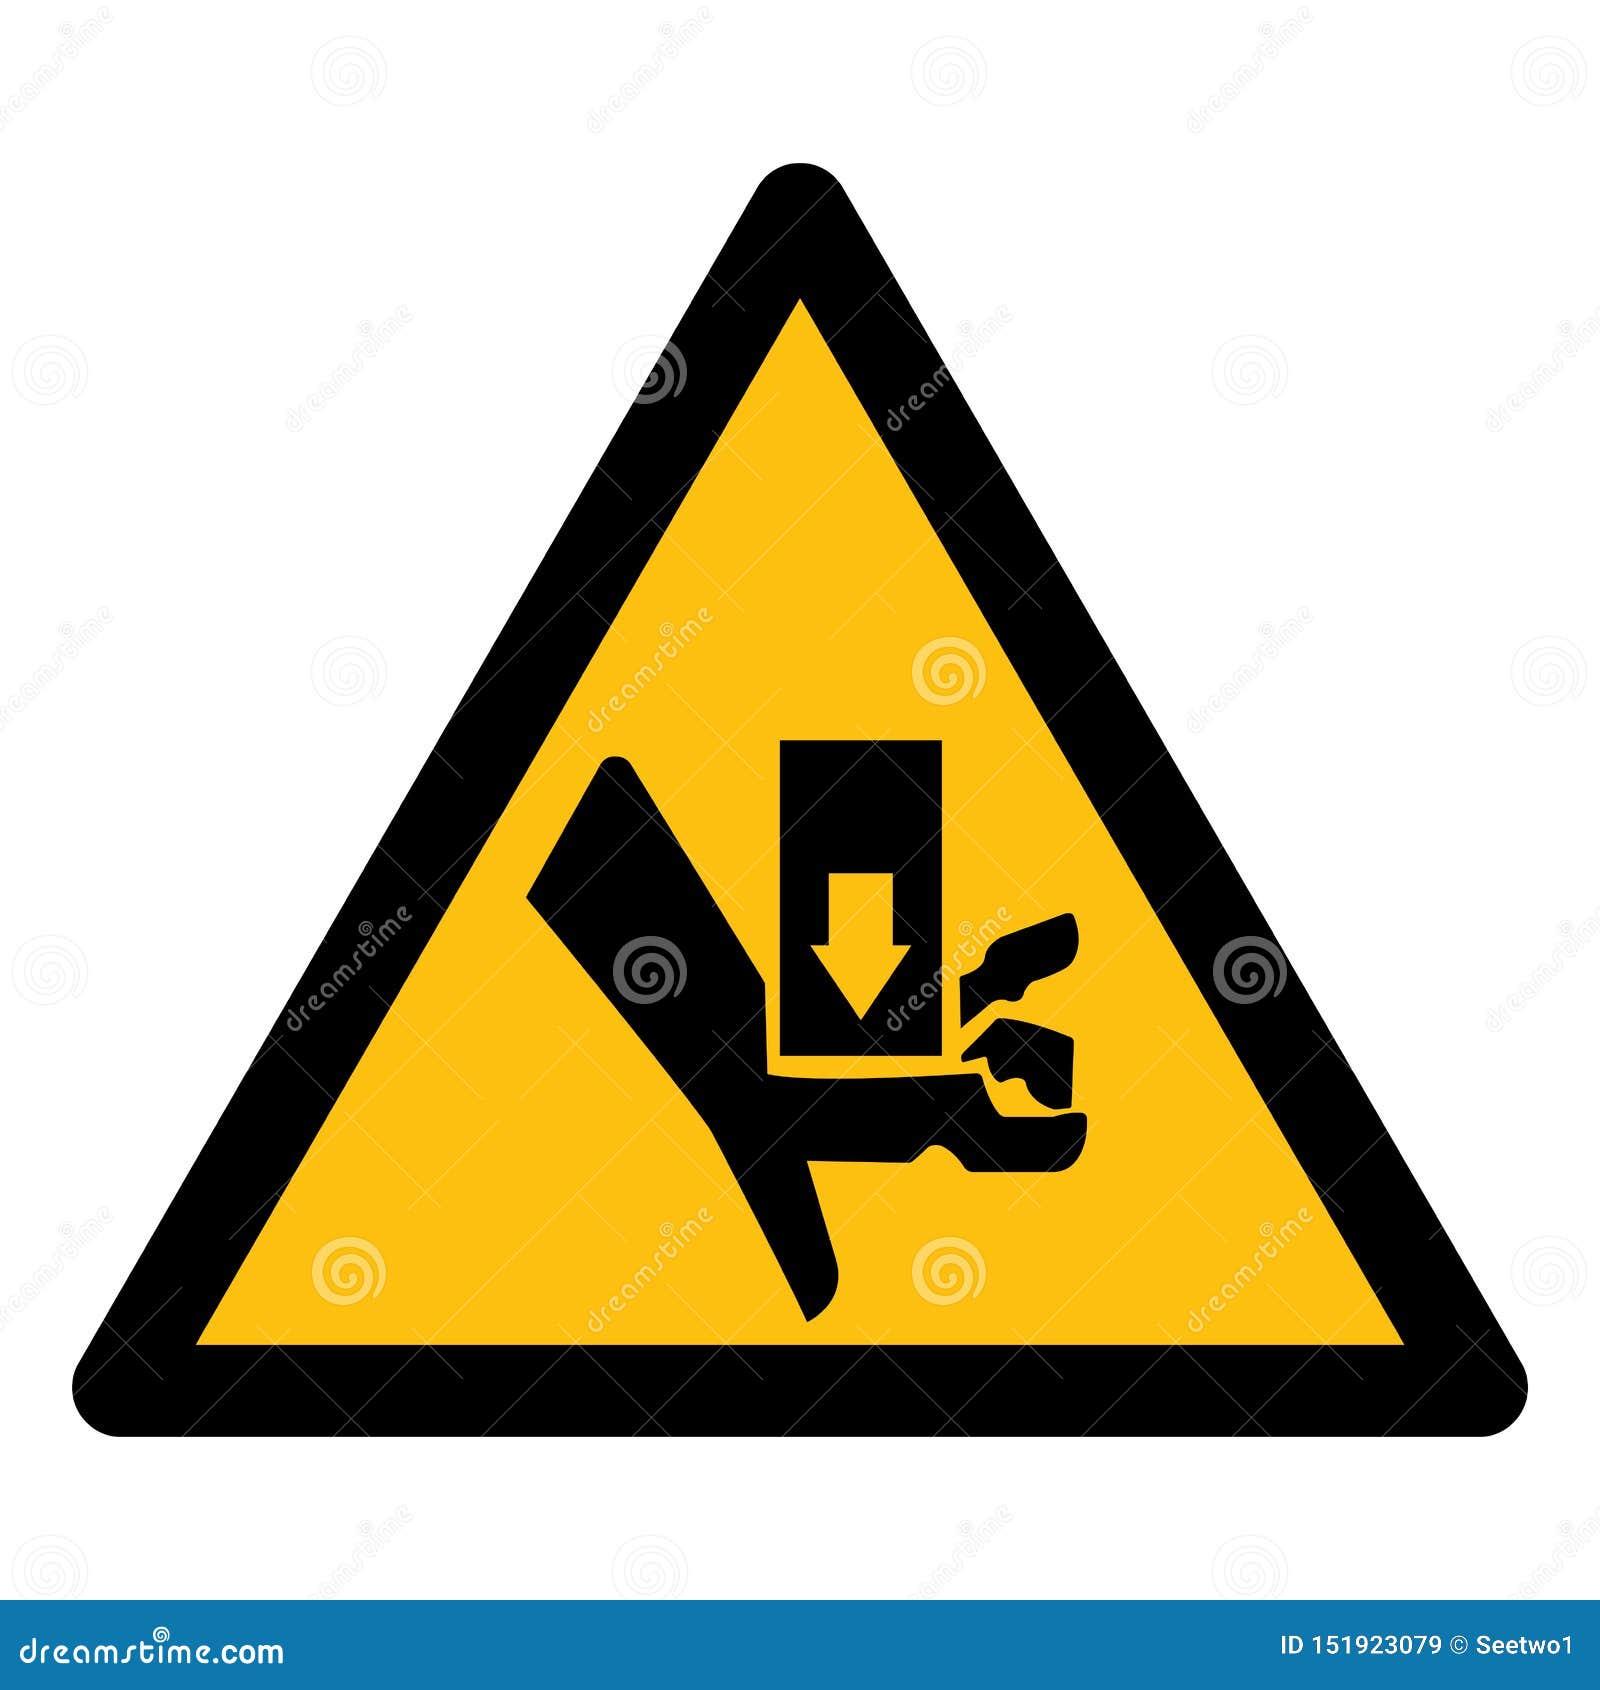 Isolado de advertência do sinal do símbolo do esmagamento e do corte da parte movente no fundo branco, ilustração EPS do vetor 10